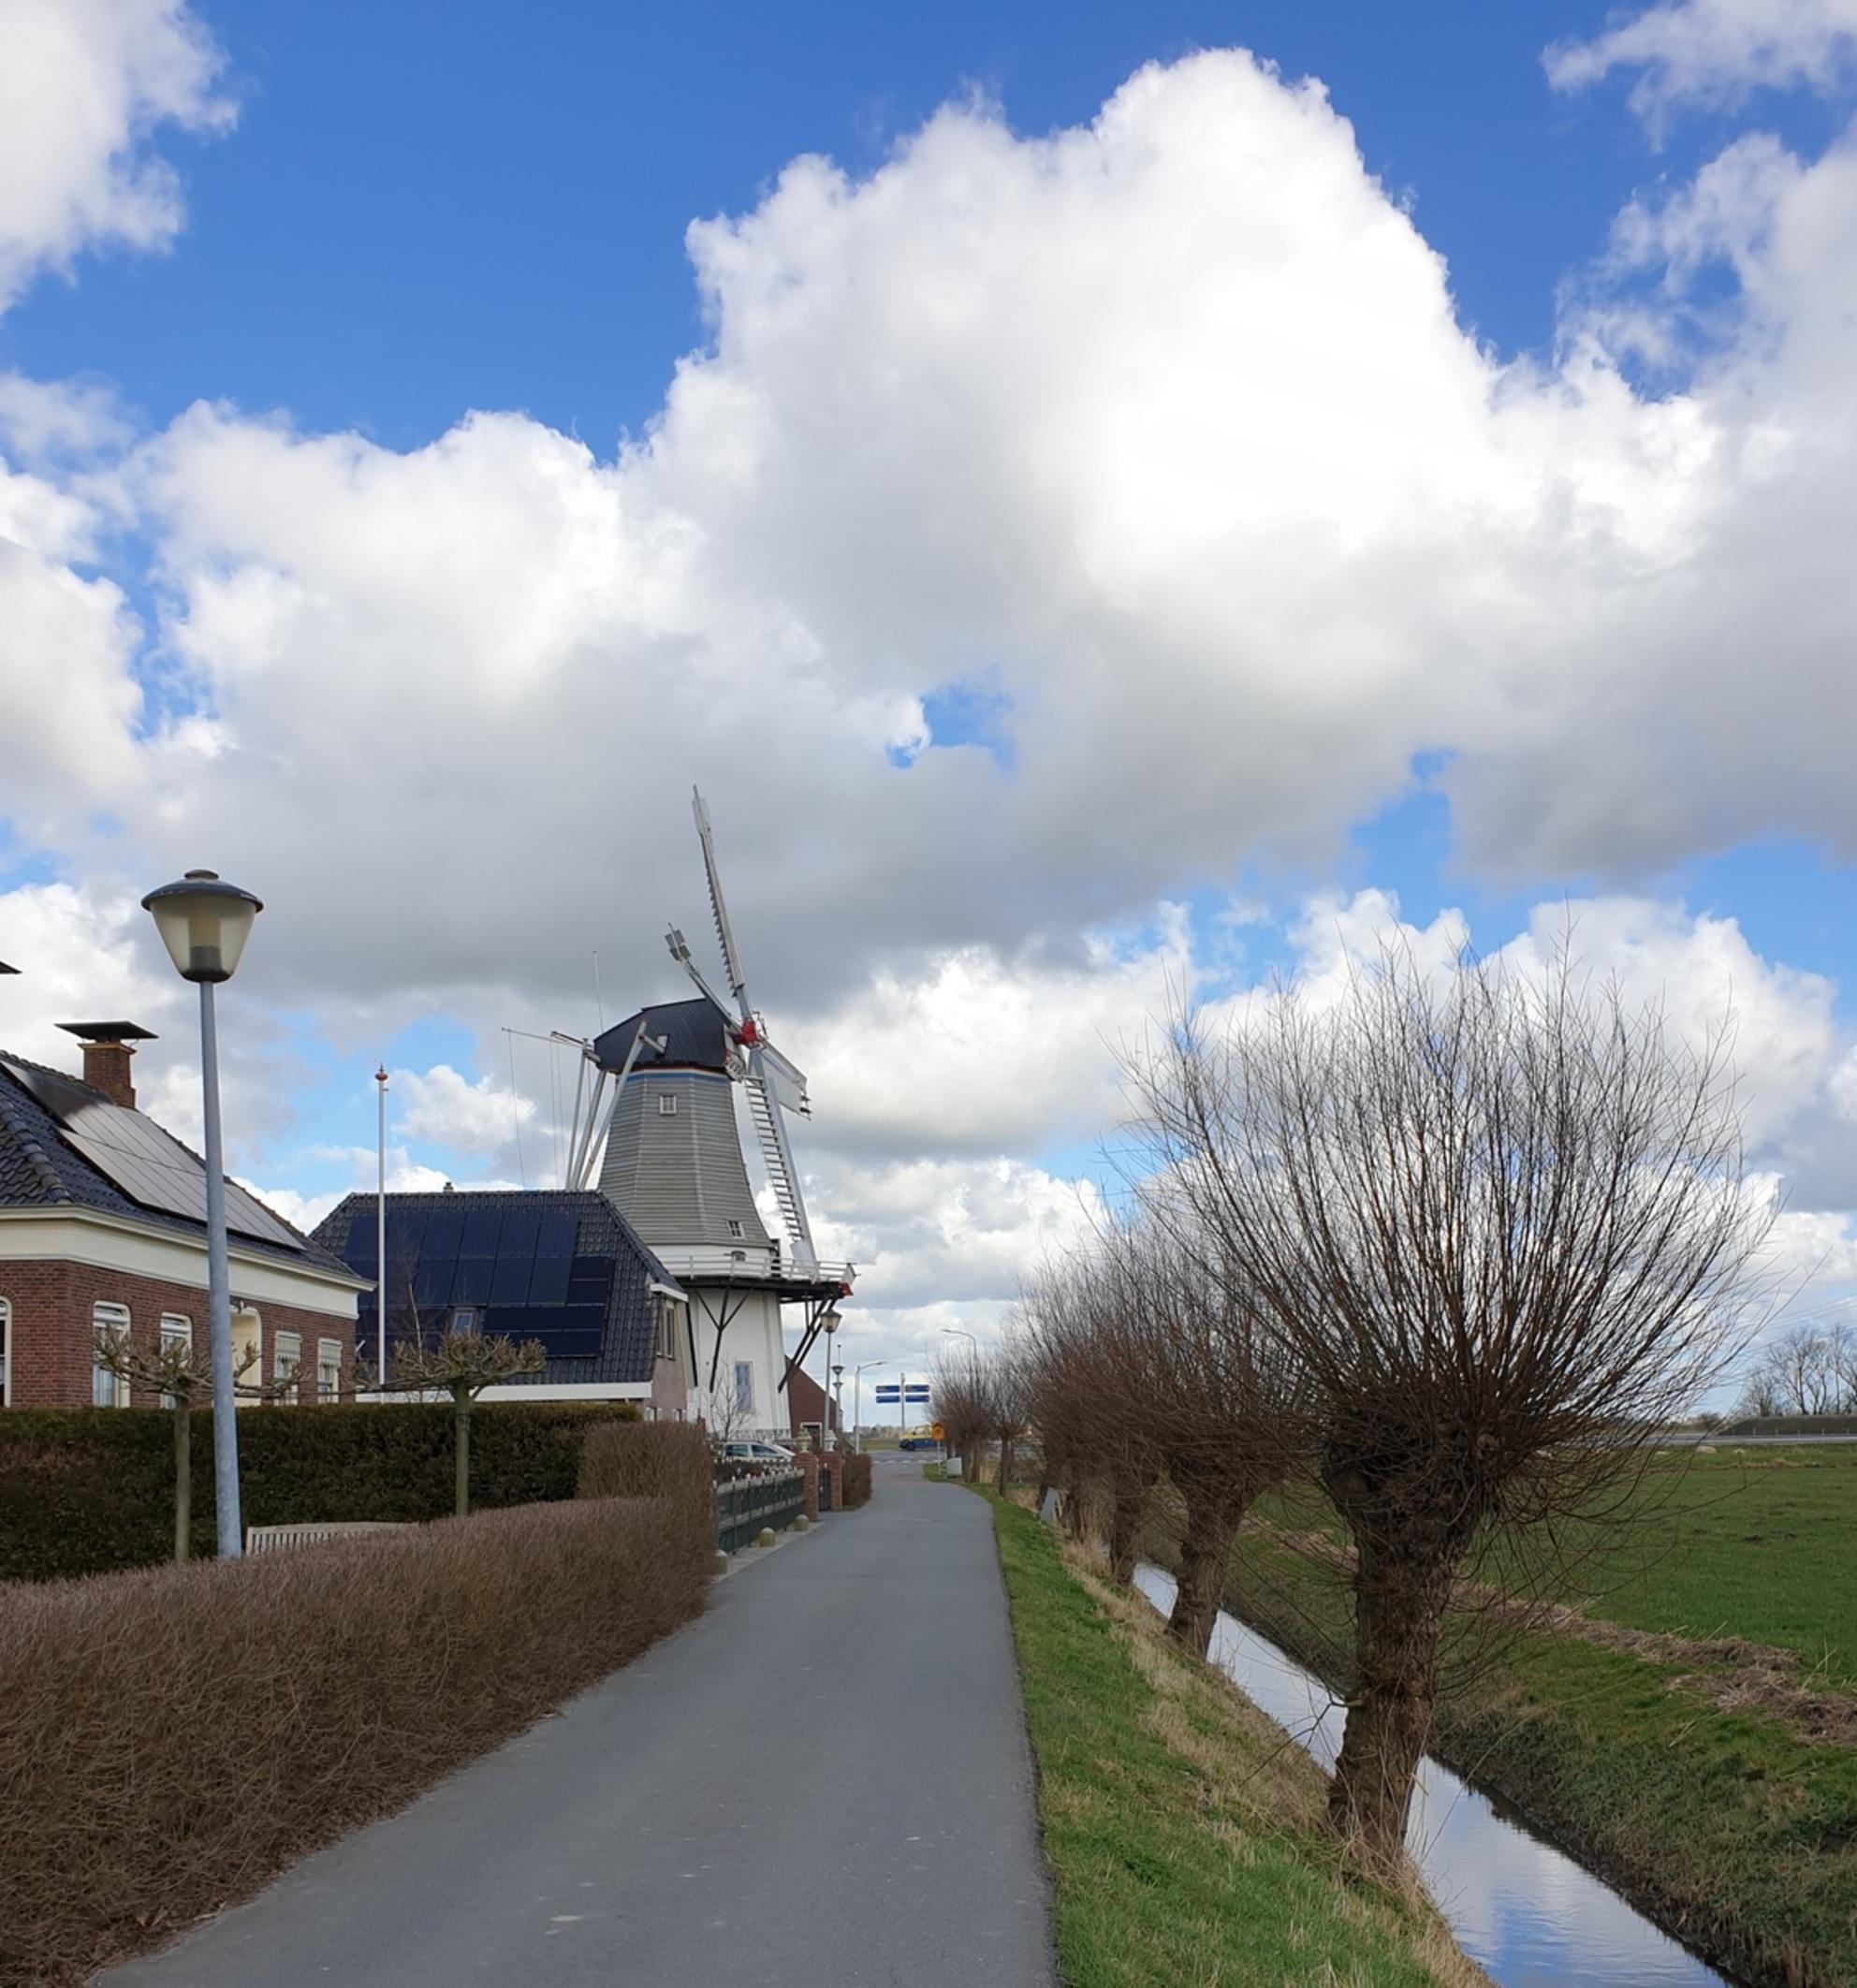 Wetsinger molen0210305_165422 - Dit is klein wetsinge.  Gr Bets - foto door cgfwg op 07-03-2021 - deze foto bevat: wolken, landschap, molen - Deze foto mag gebruikt worden in een Zoom.nl publicatie